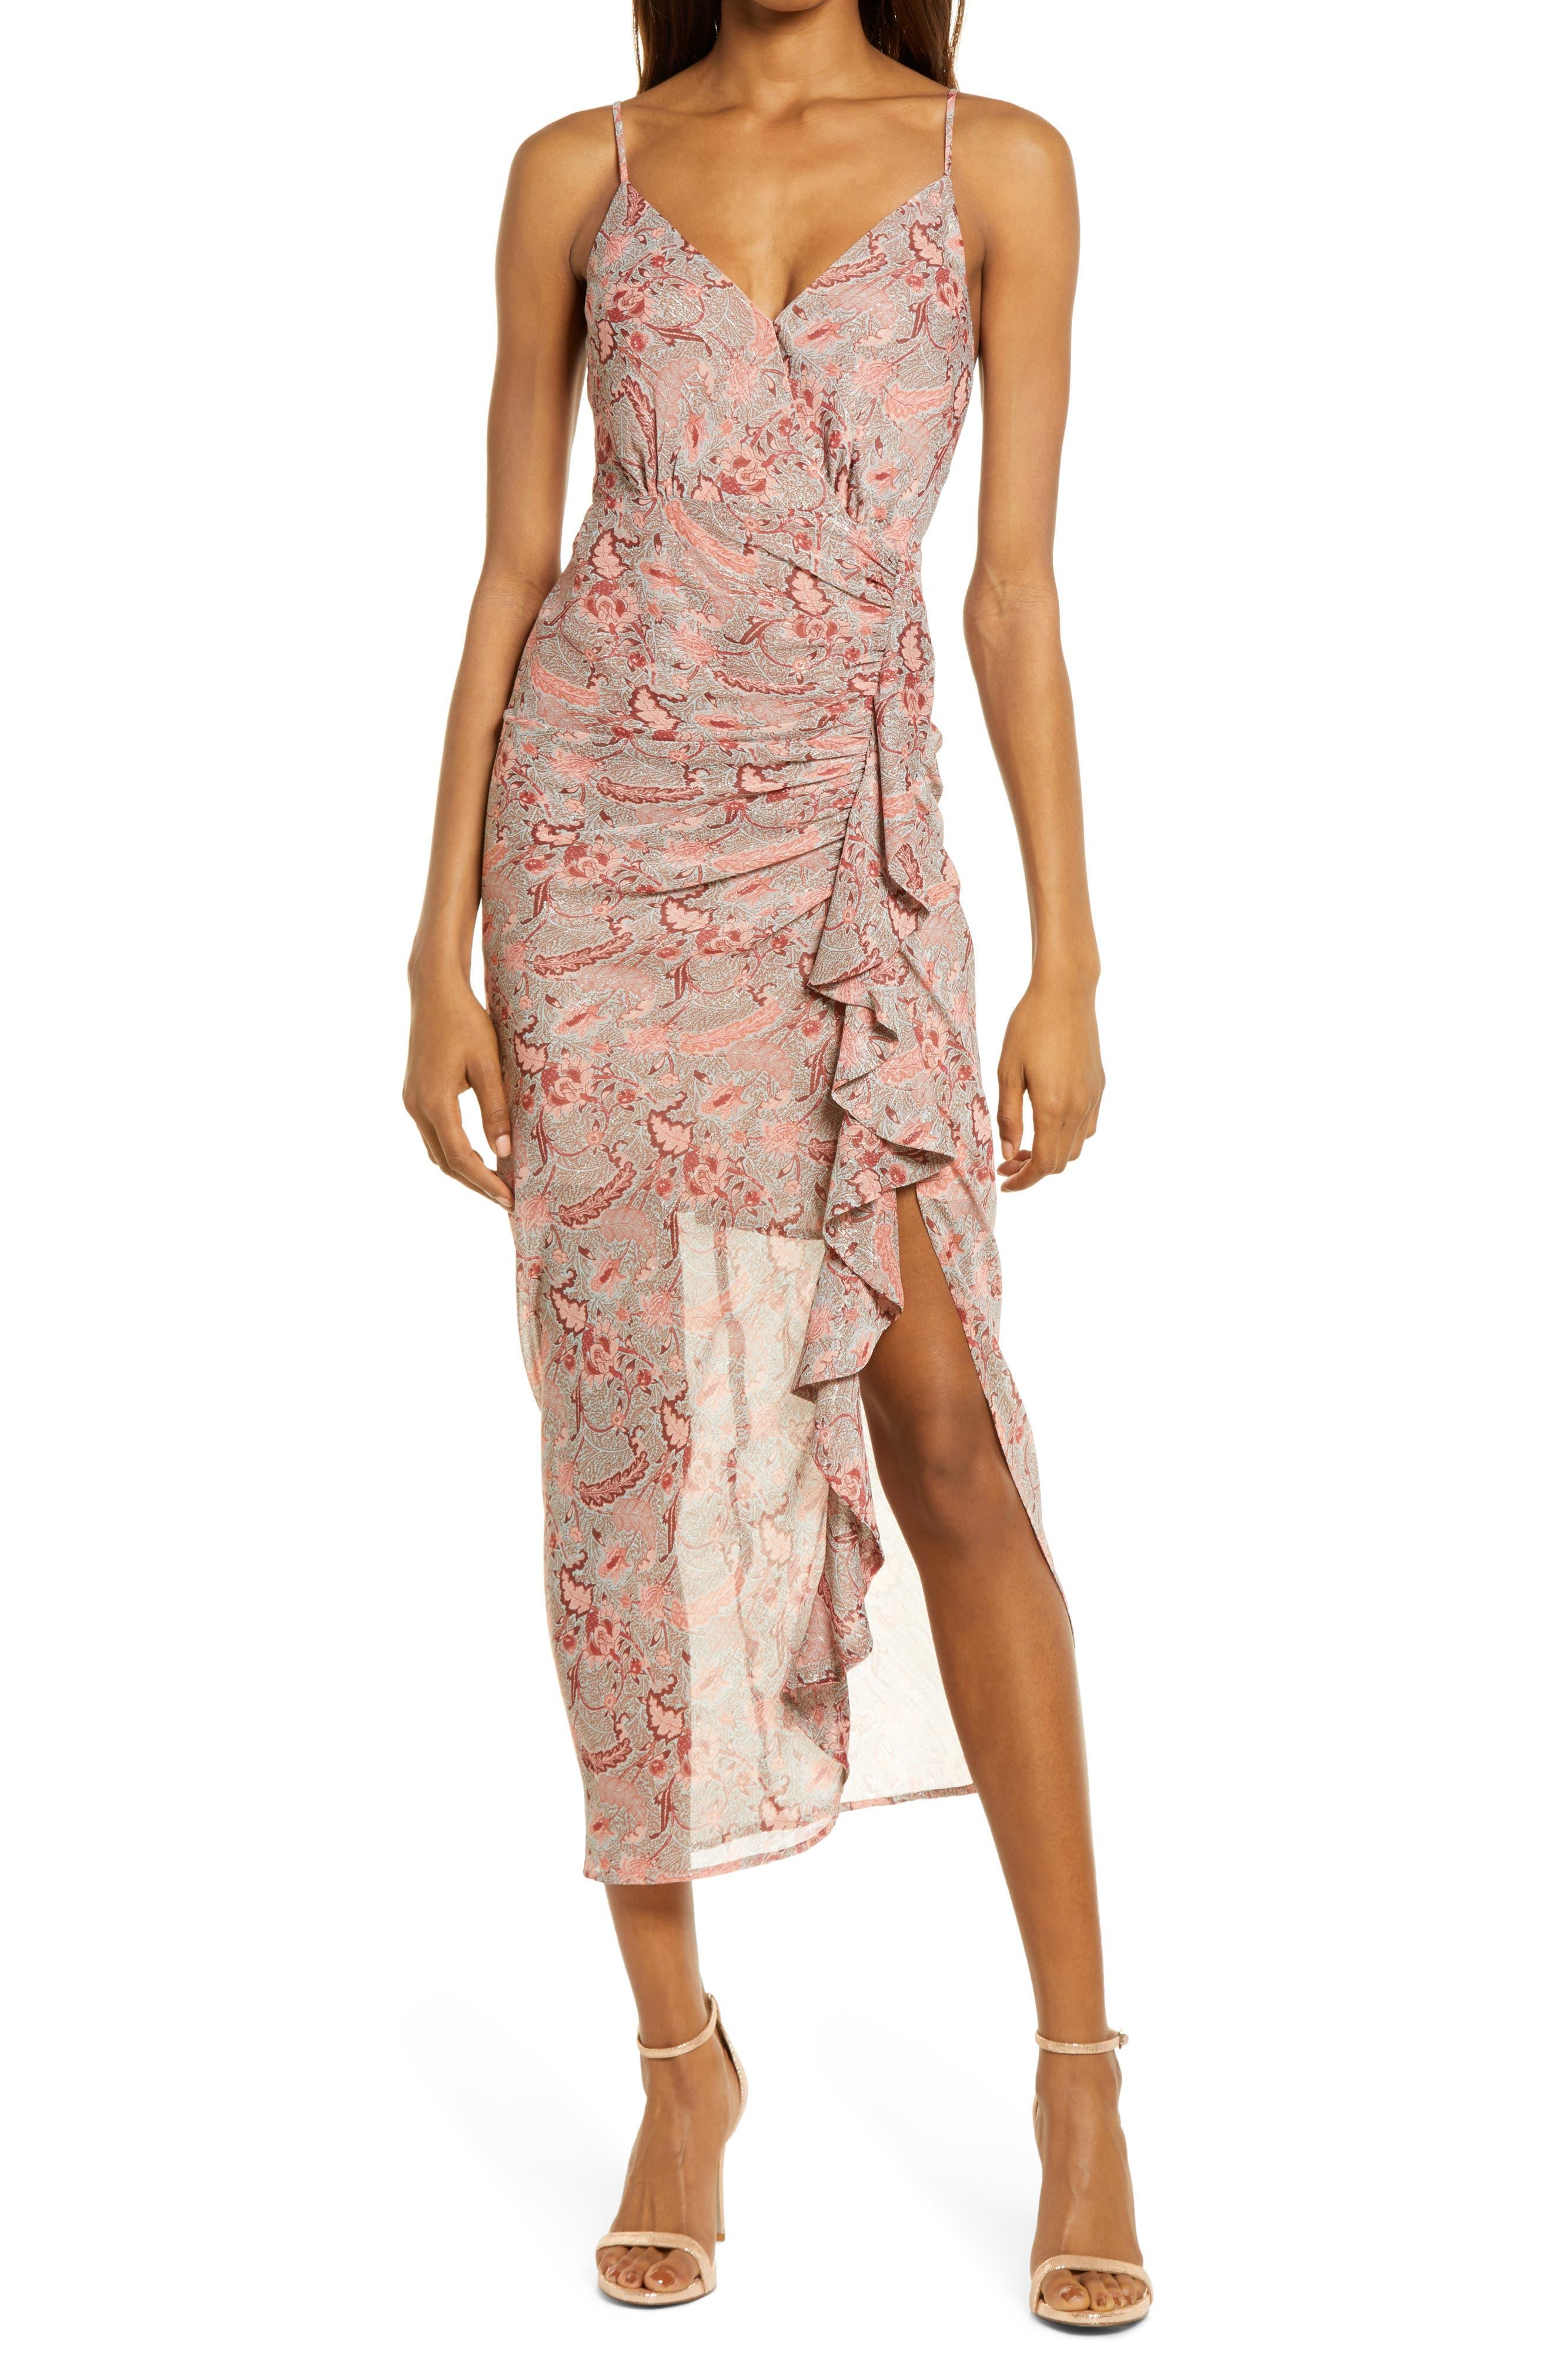 Floral Ruffle Chiffon Dress